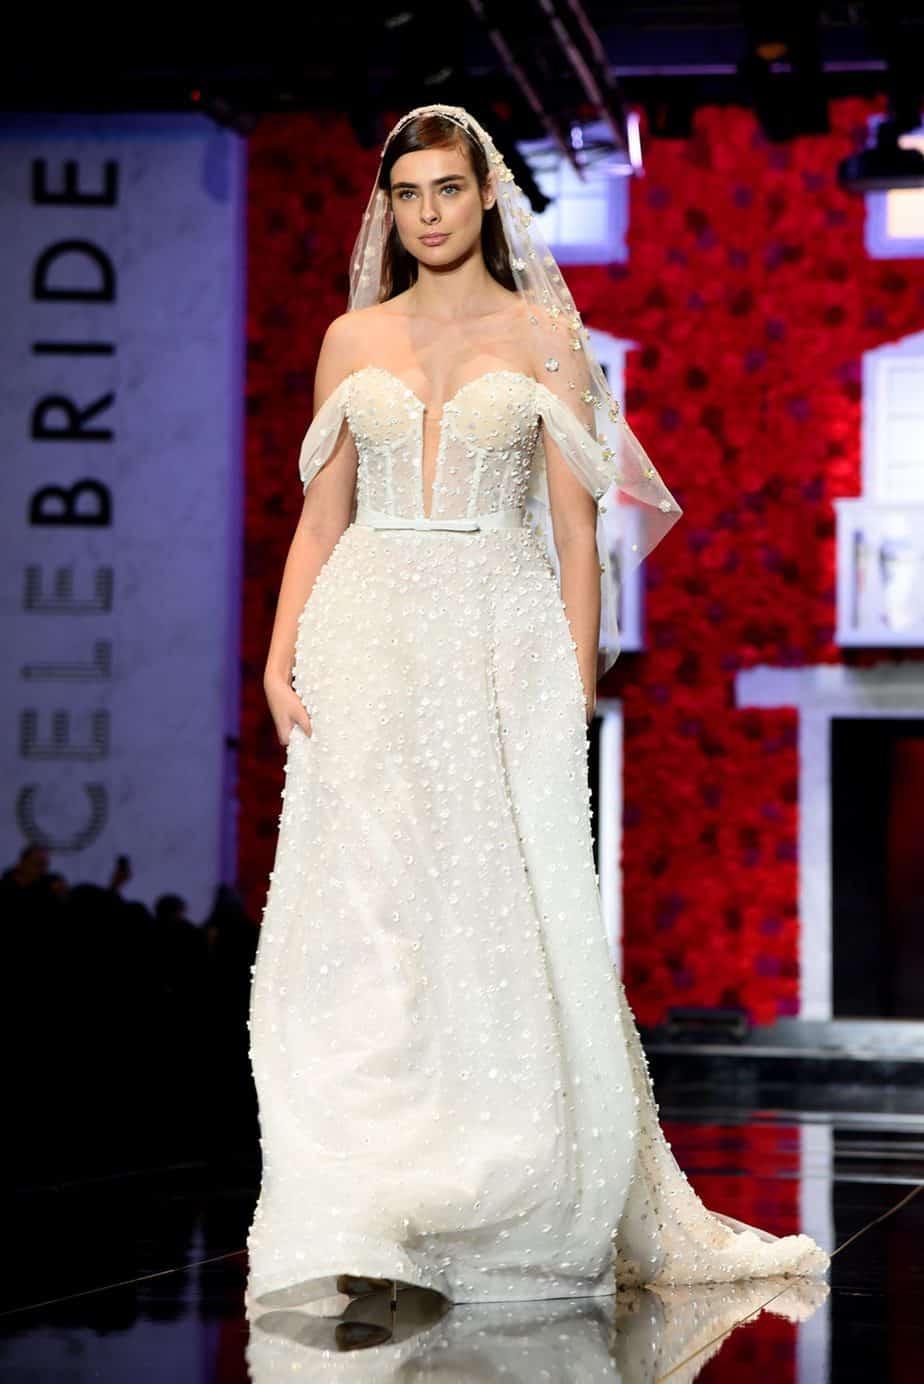 אביטל לנגר. שמלת כלה - לי גרנבאו. צילום: לימור יערי